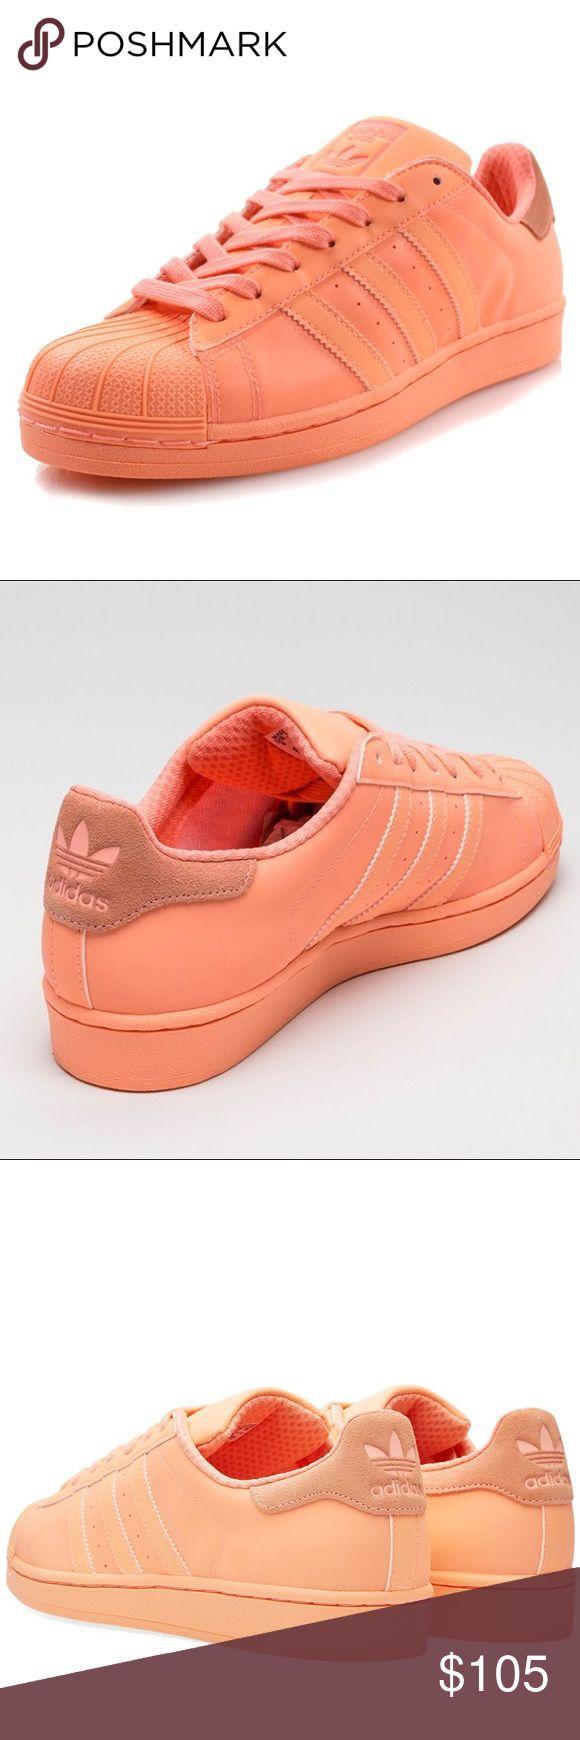 Adidas Superstar Adicolor - Sunglow Size 7/7.5 Adidas Superstar Adicolor…